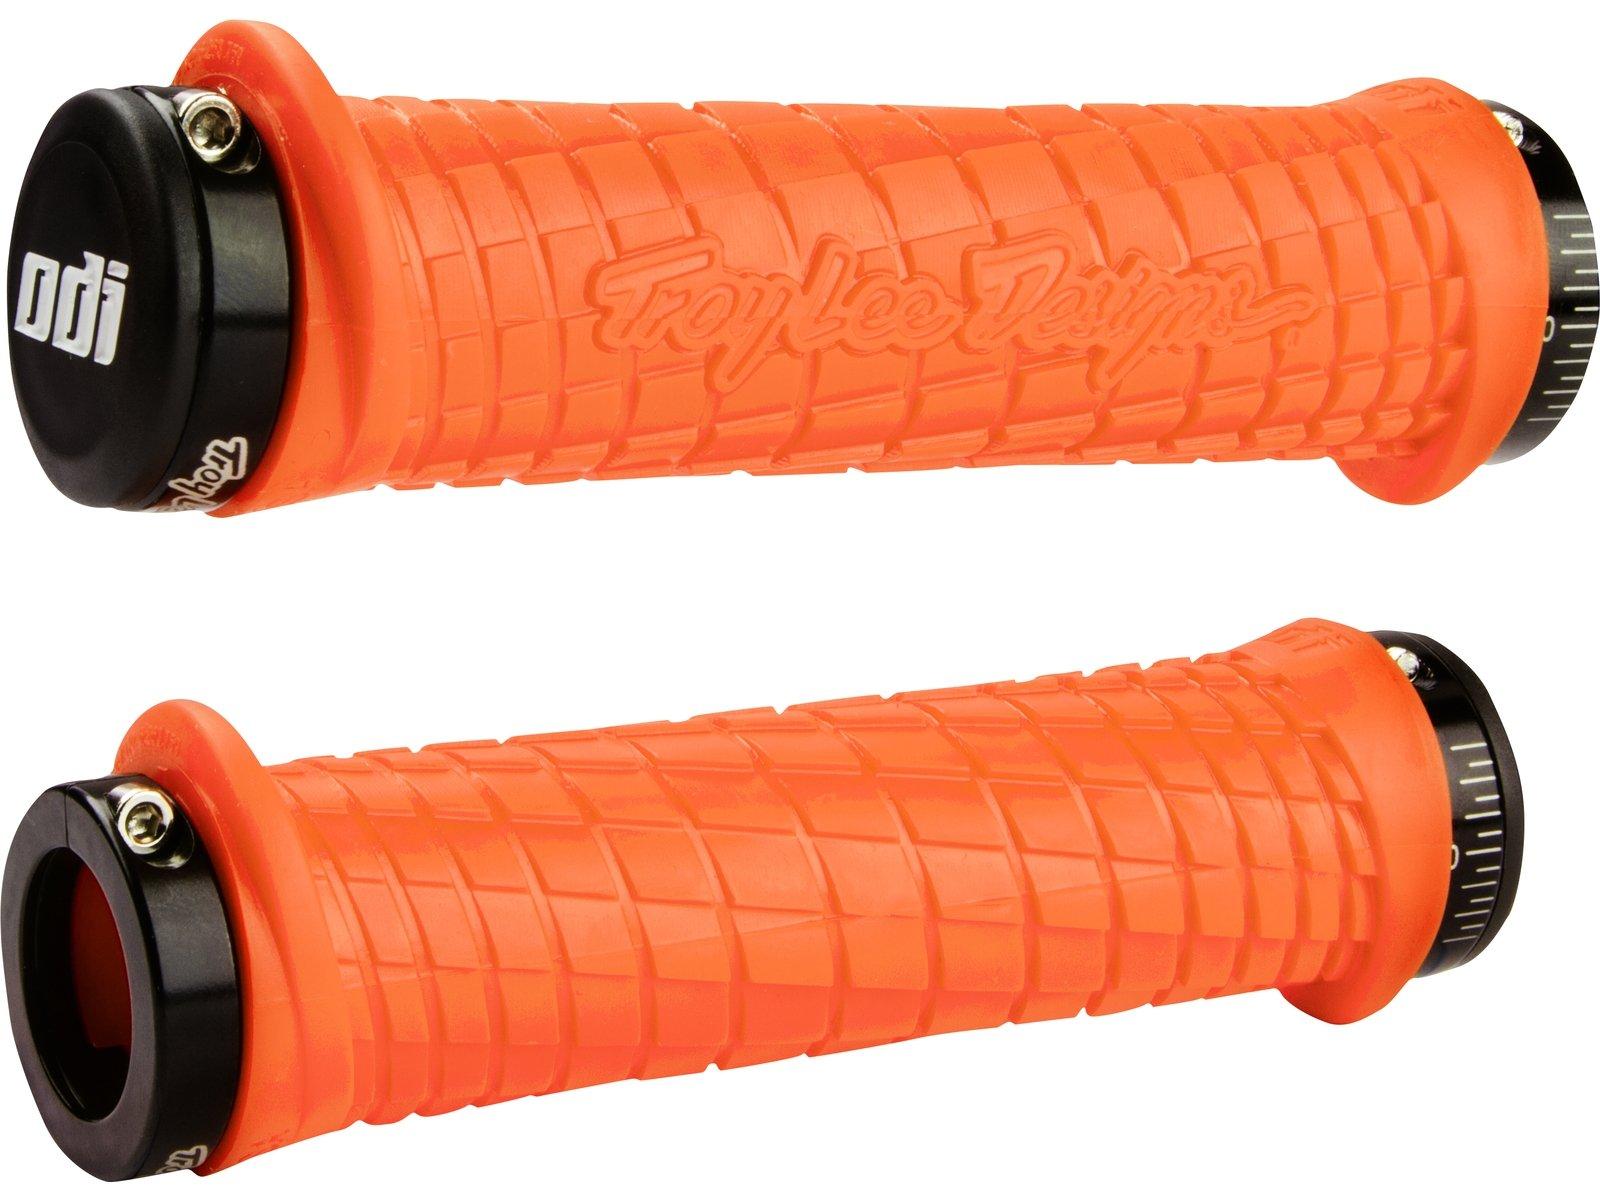 BIKEIN Lock Rubber Locking Anti-slip Bicycle Handlebar Grips Mountain Bike